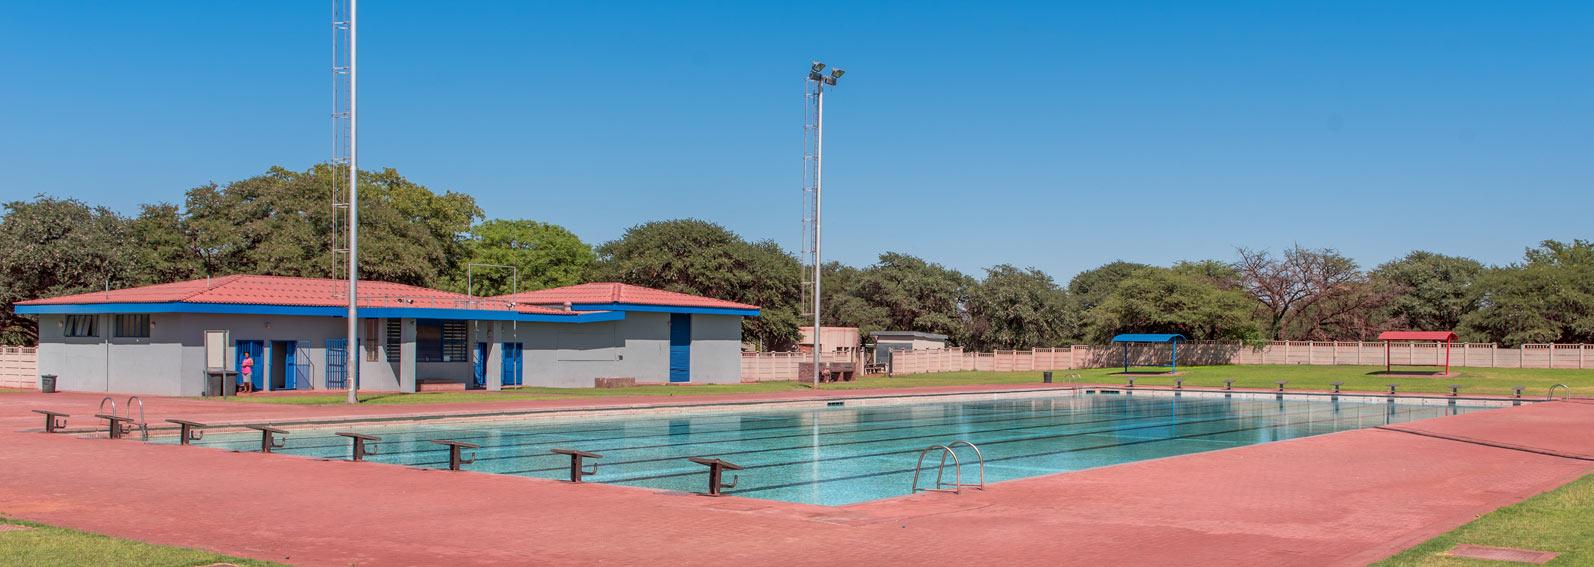 Kalahari Aquatics